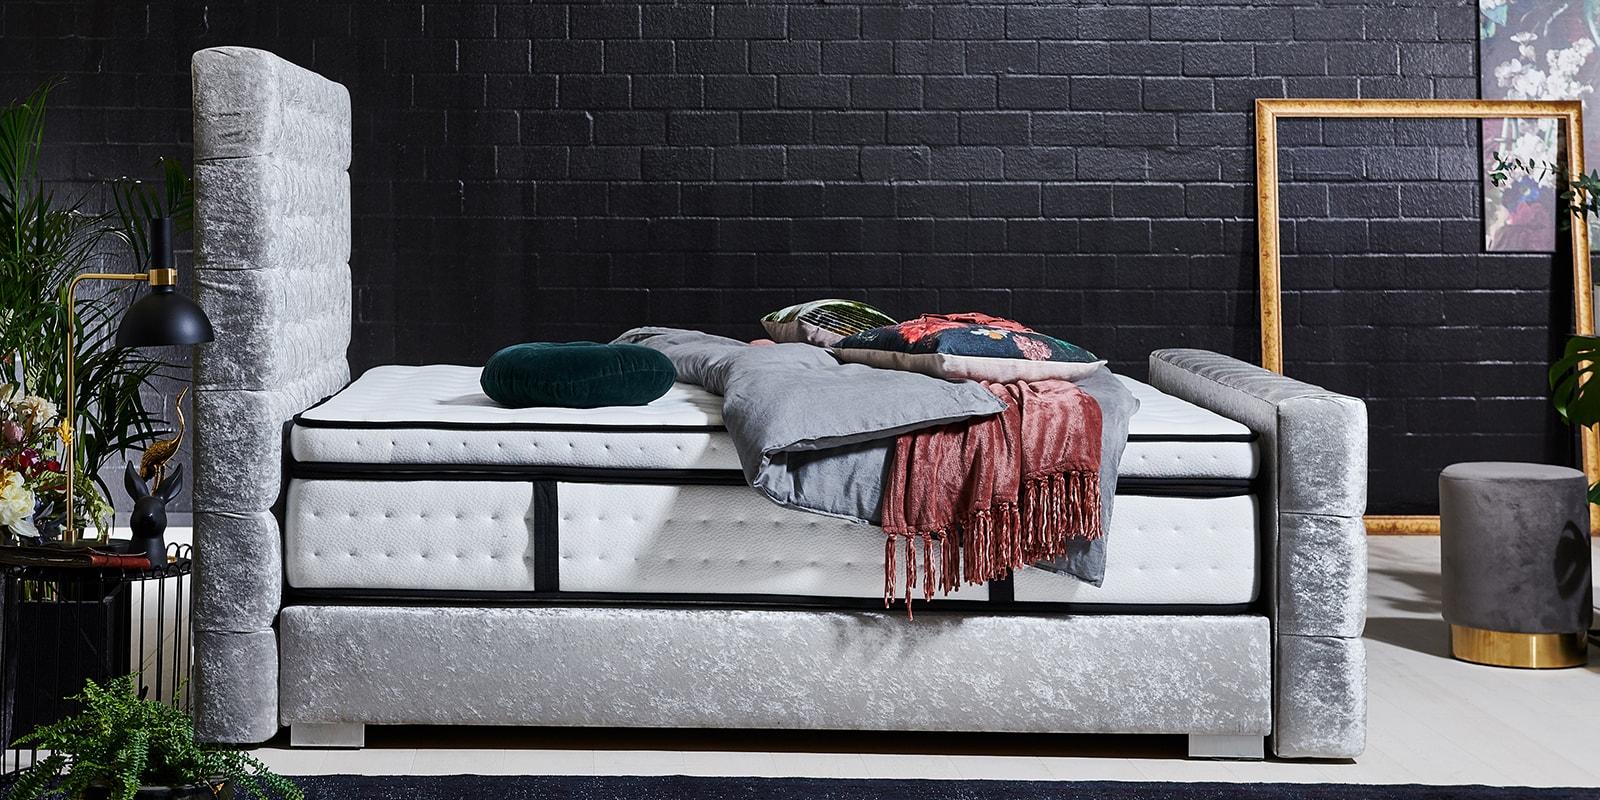 Moebella24 - Boxspringbett Manchester - Chesterfield-Stil - Barock-Stil - Samt glänzend silber von der Seite